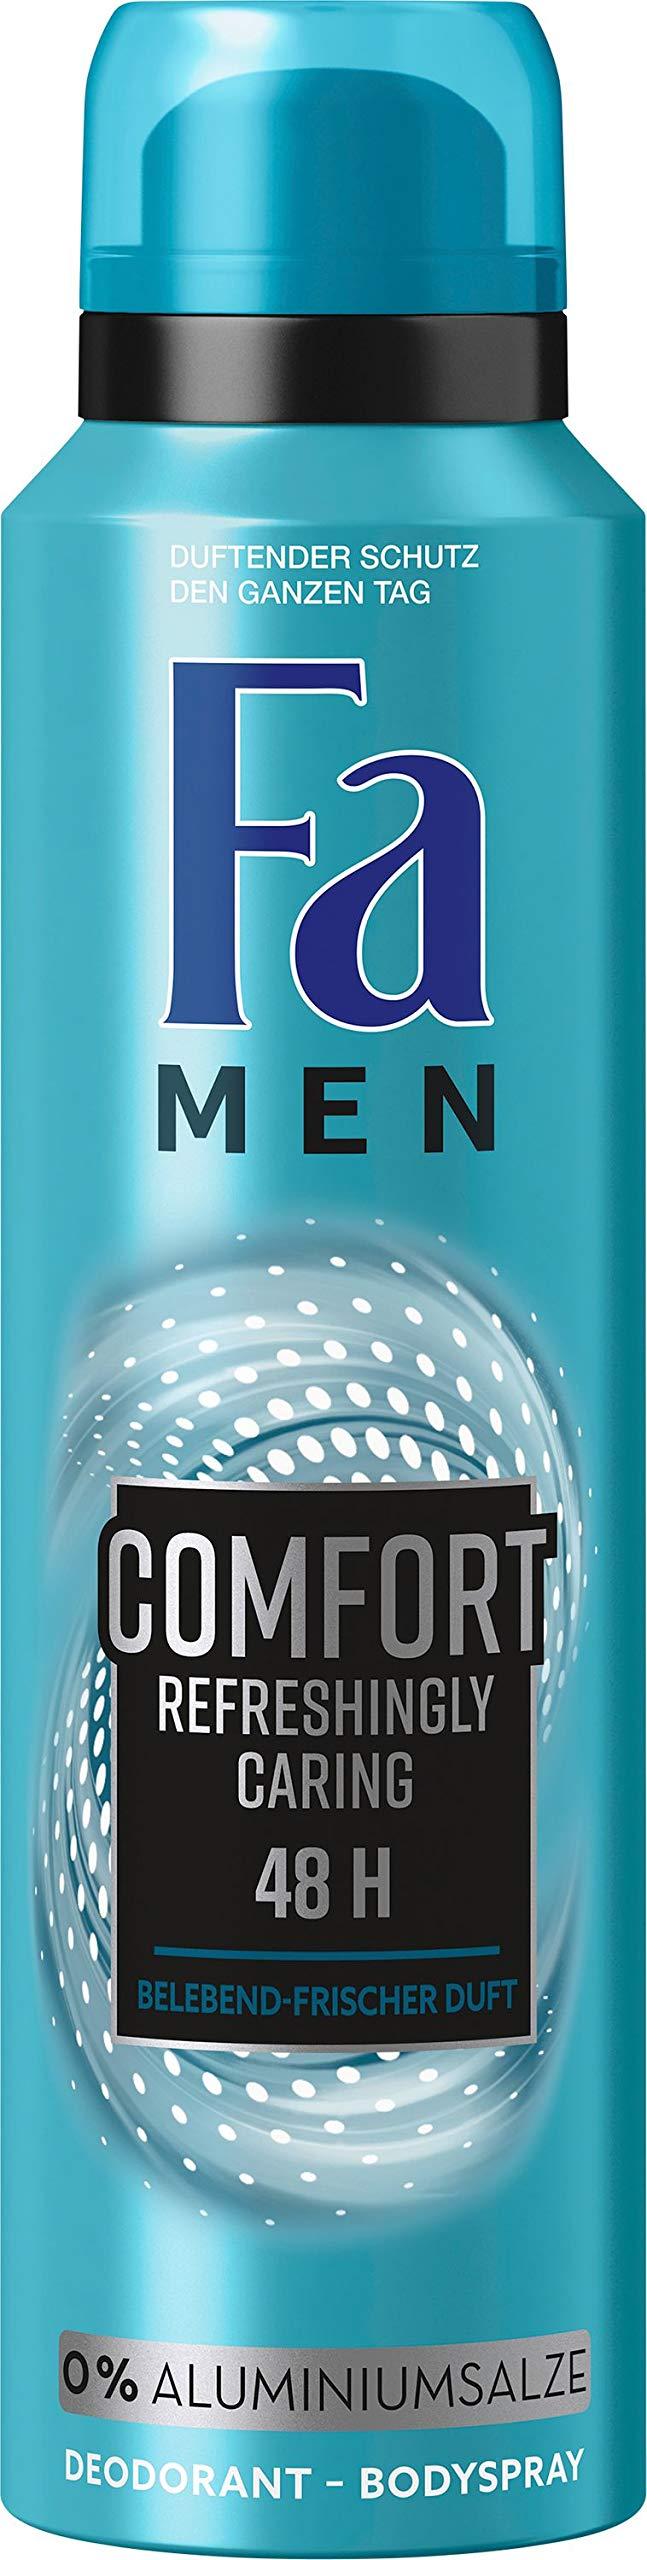 Fa Comfort Deodorant Spray Aluminium